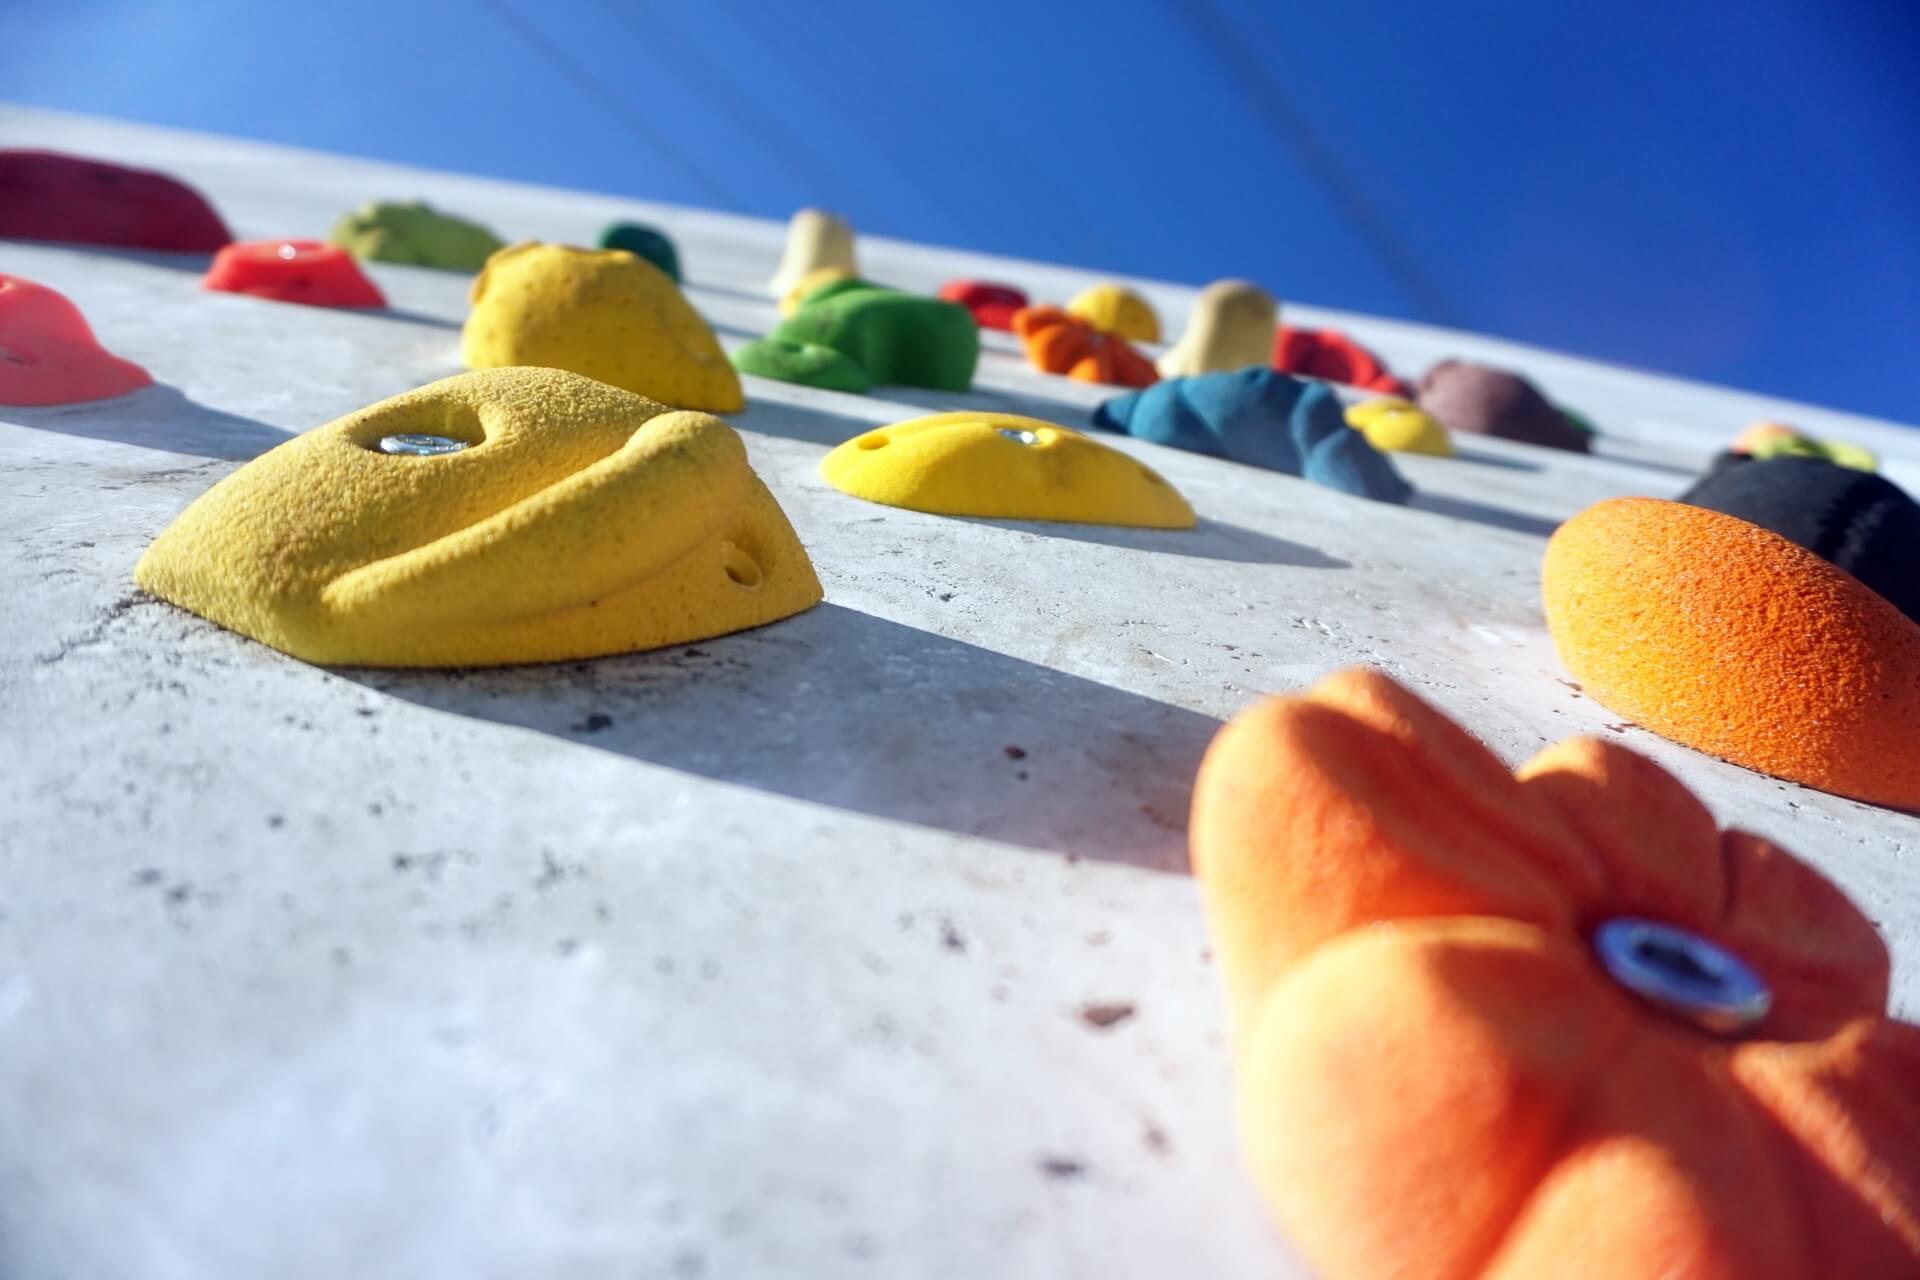 ほとんどの初心者が登れないレベル。ボルダリング4級はどんな壁を登るの?